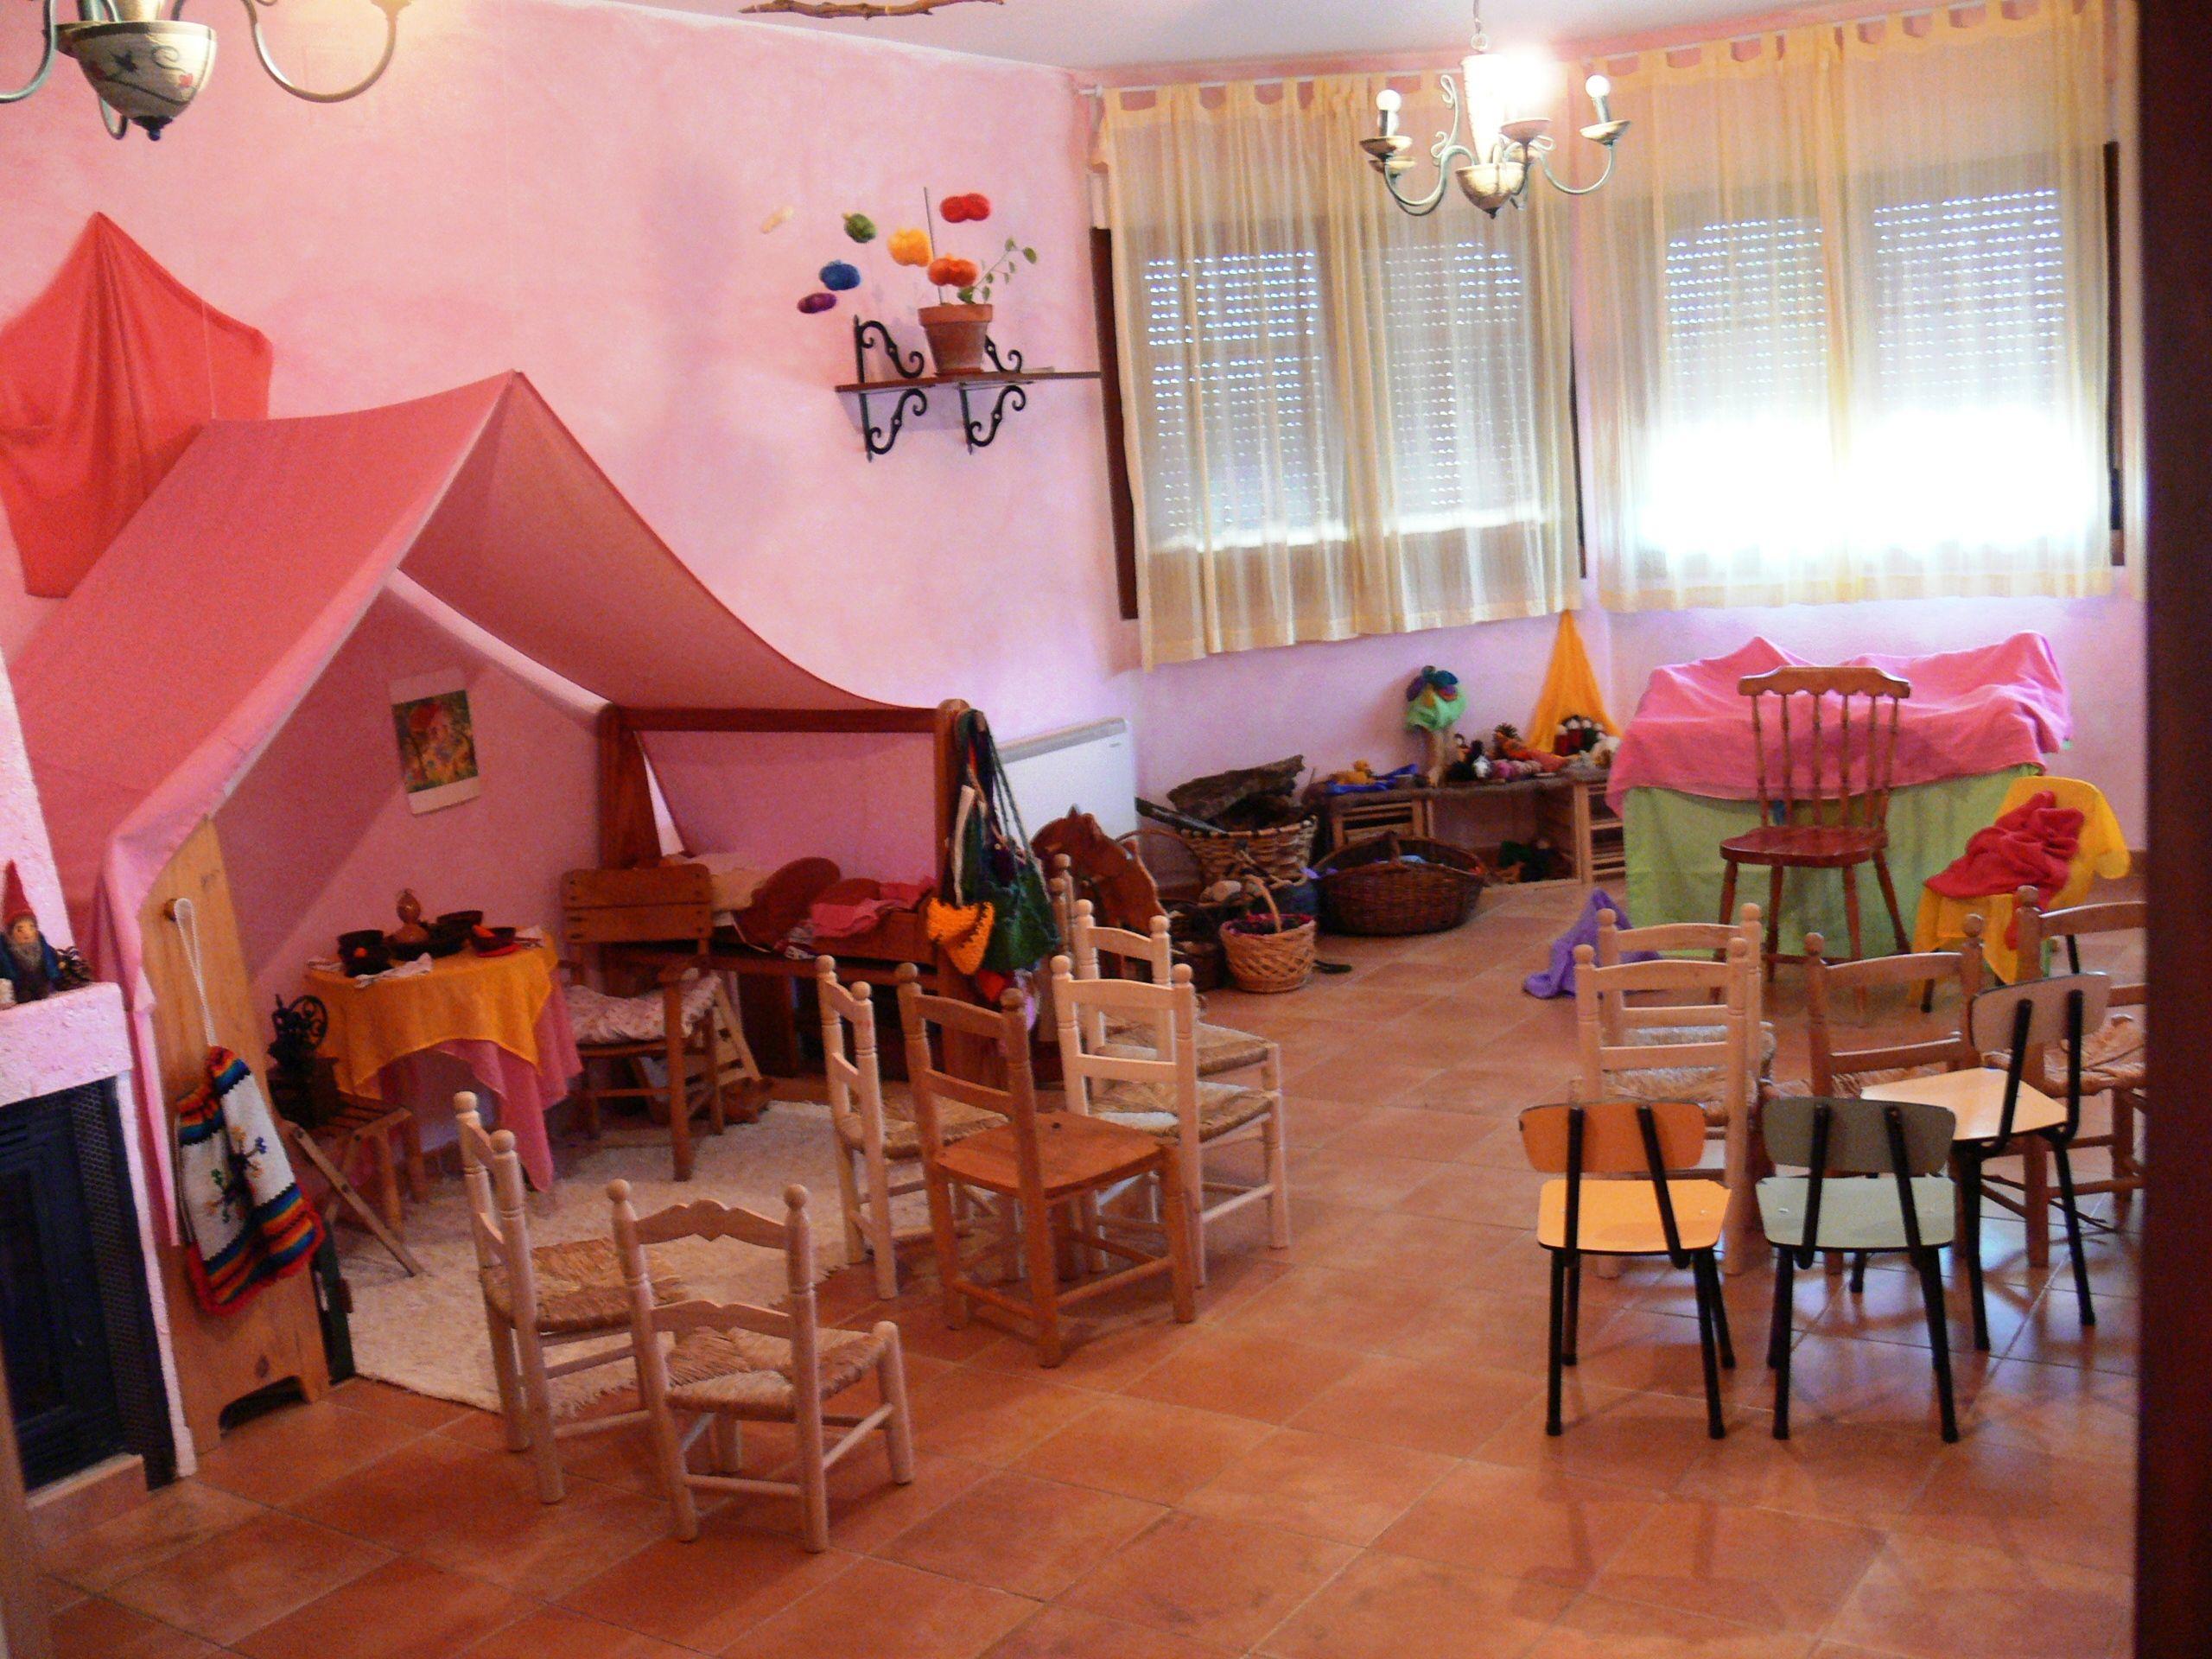 Escuela Waldorf Toledo La Caba A Del Rbol Detalle Aula  # Muebles Hermanos Seoane